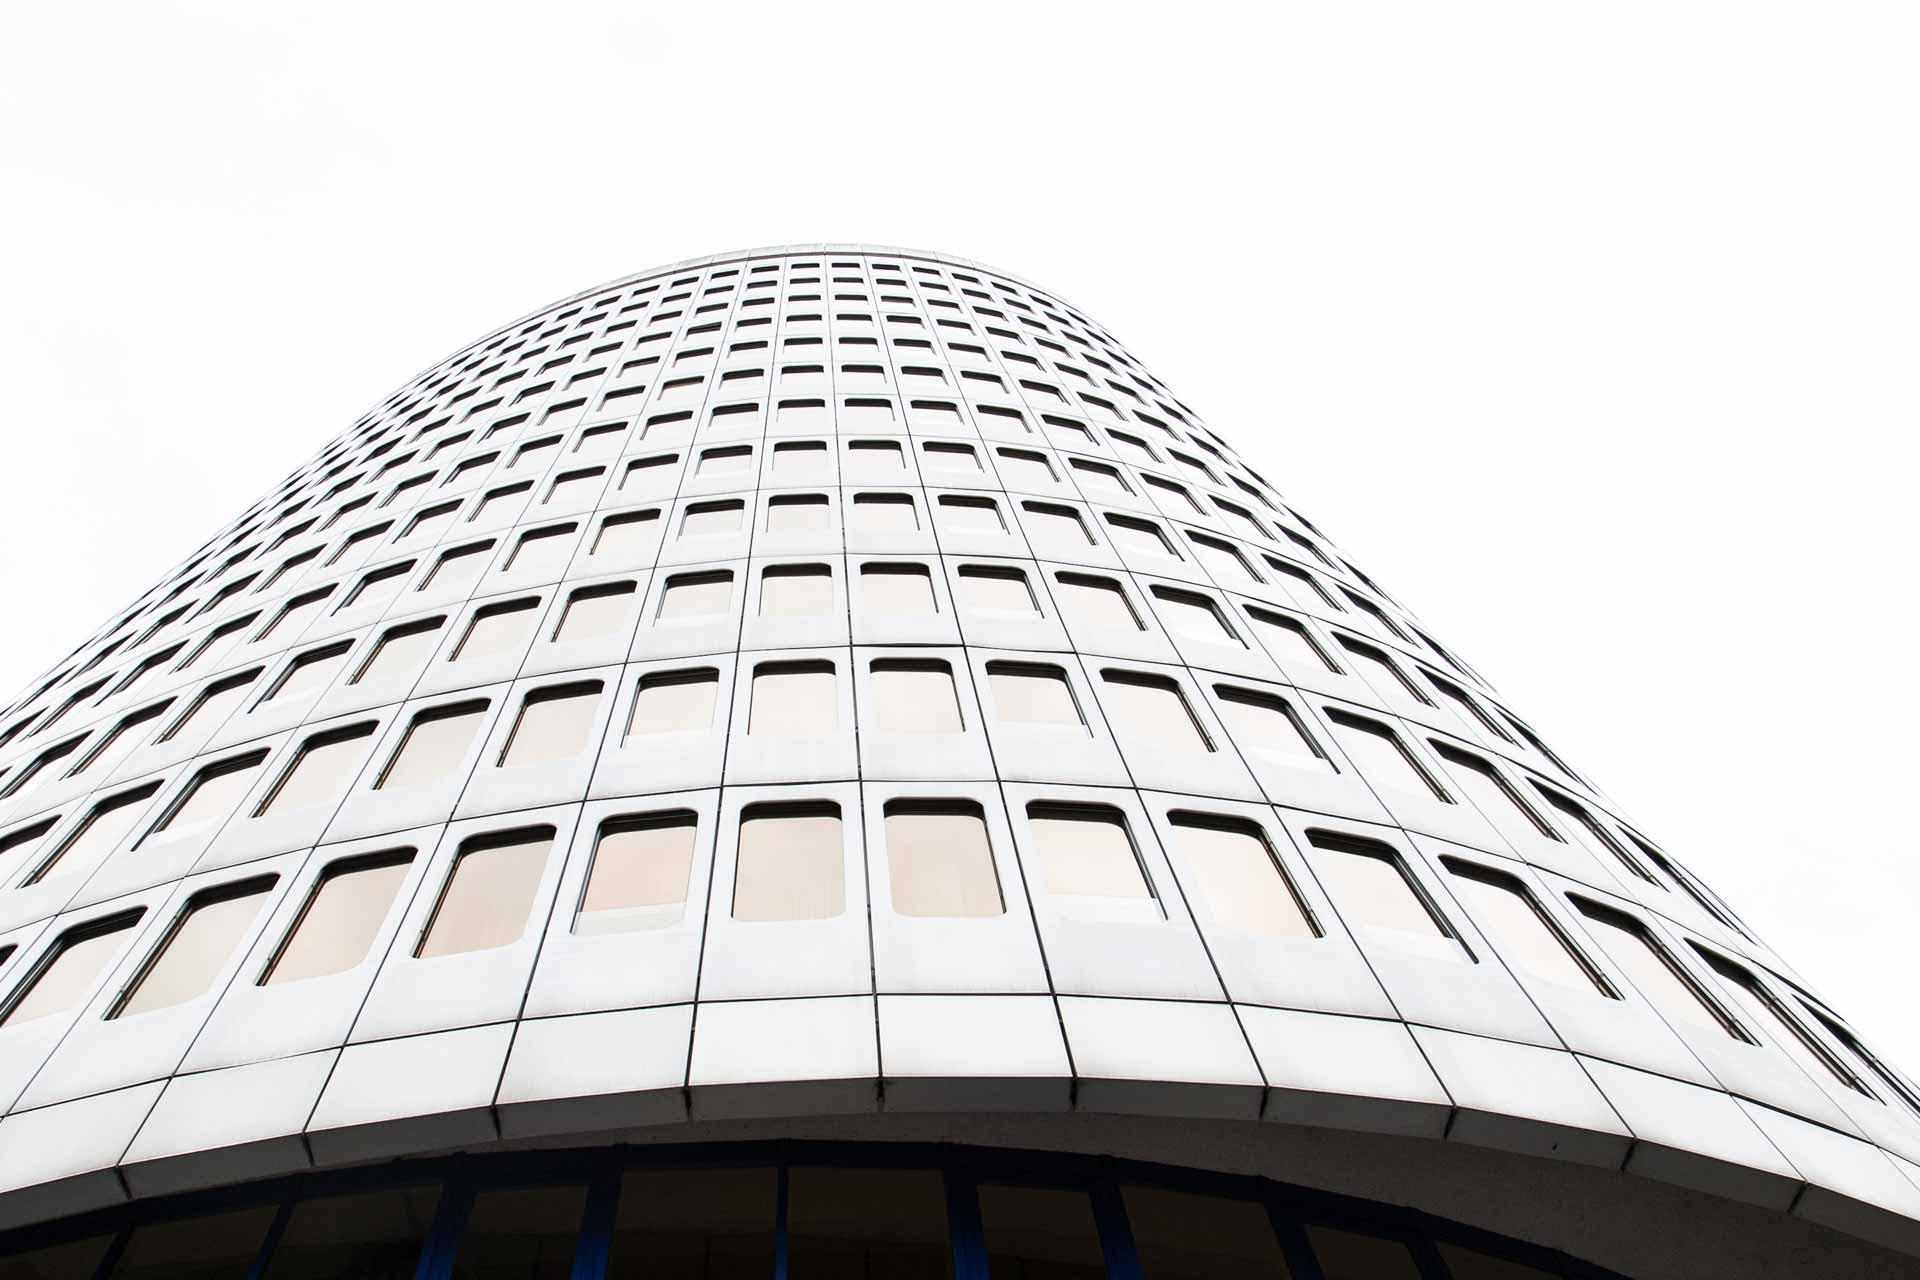 Silberturm, St. Gallen, Fotografie, Schweiz, Bernhard Hafele